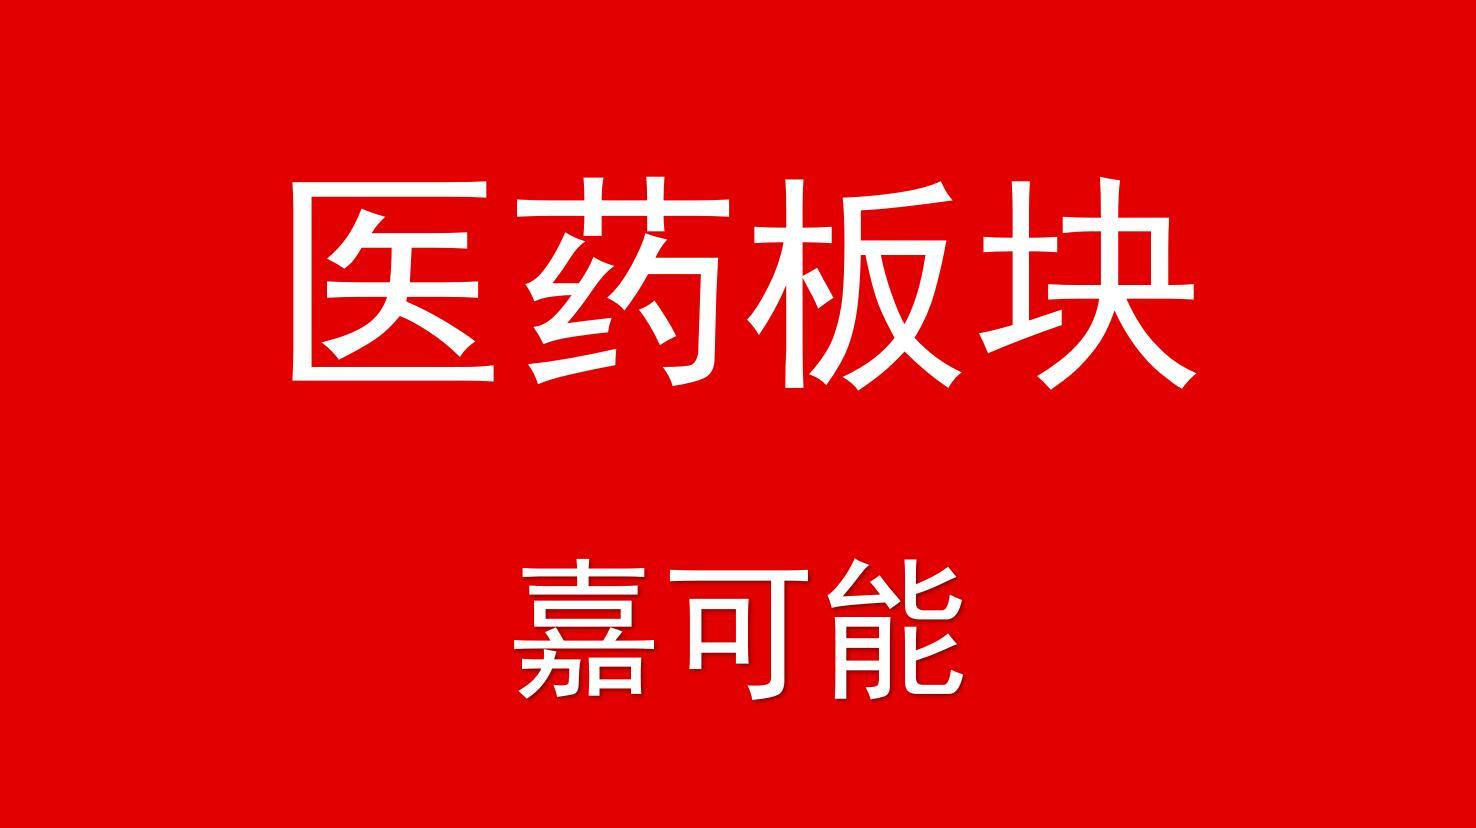 片仔癀、欧普康视、智飞生物、康龙化成等医药板块龙头股缠论K线图解!(04月27日)